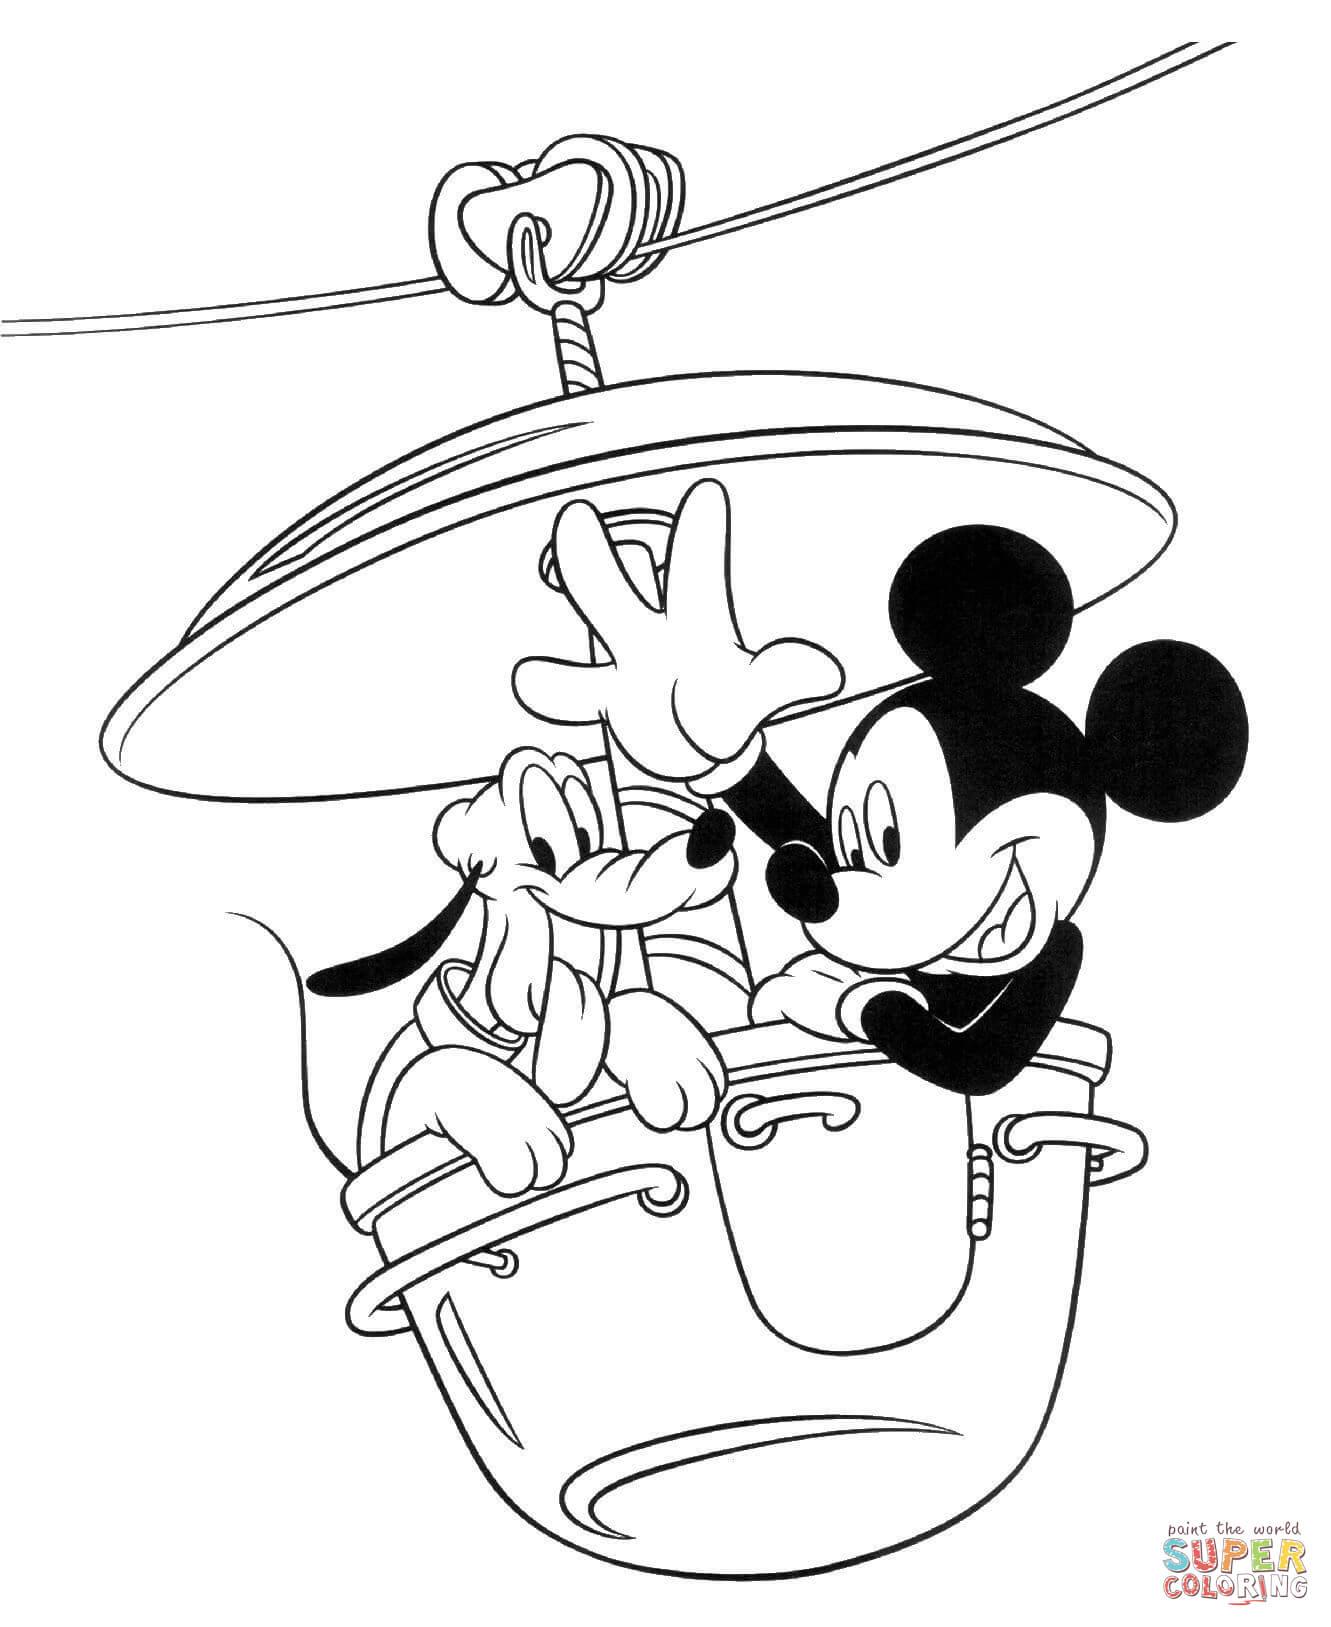 Tranh tô màu chuột Mickey đi cáp treo